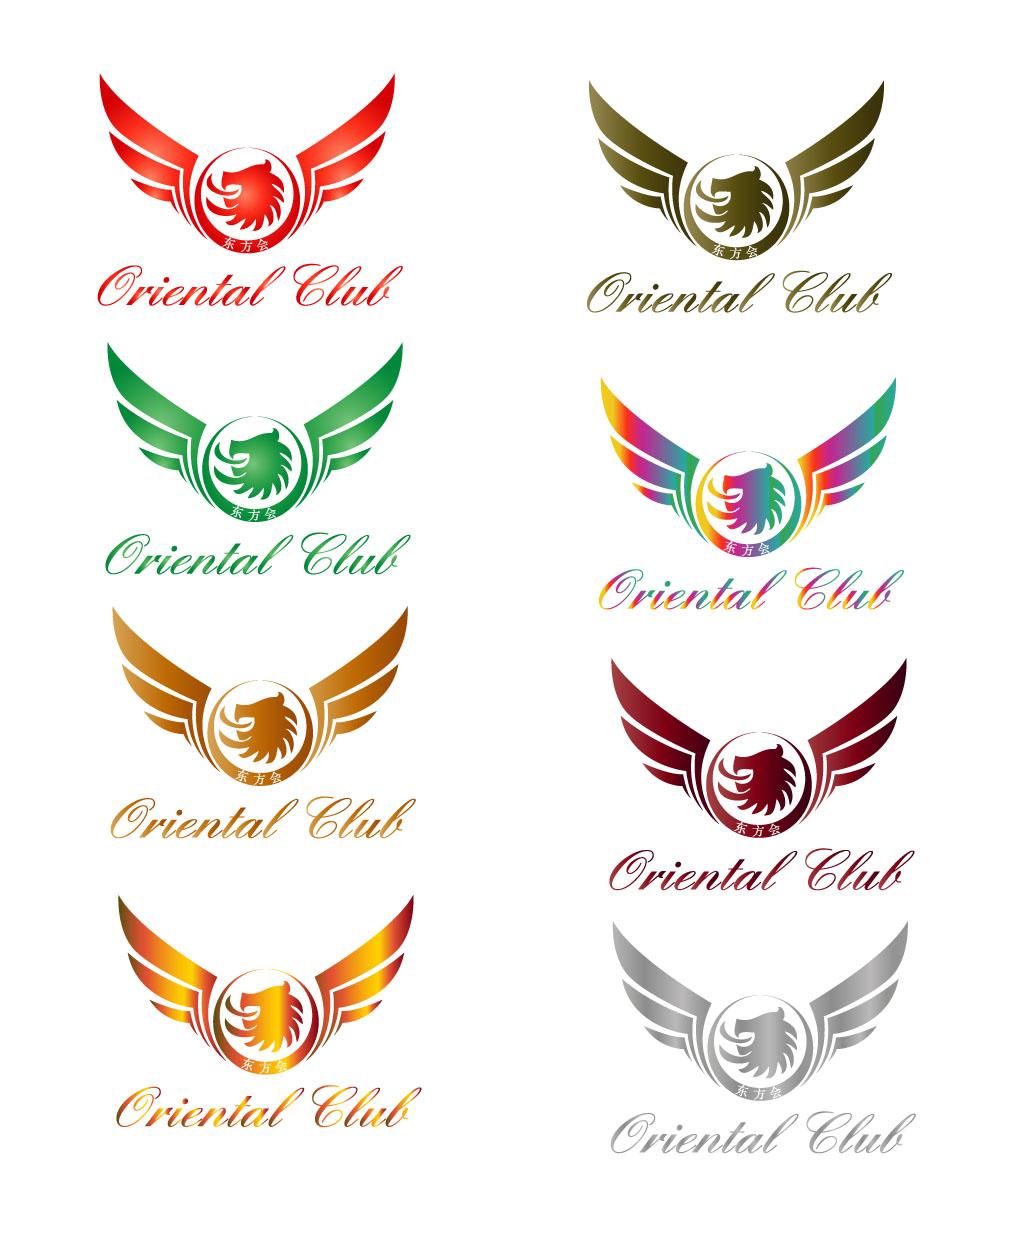 际俱乐部logo设计